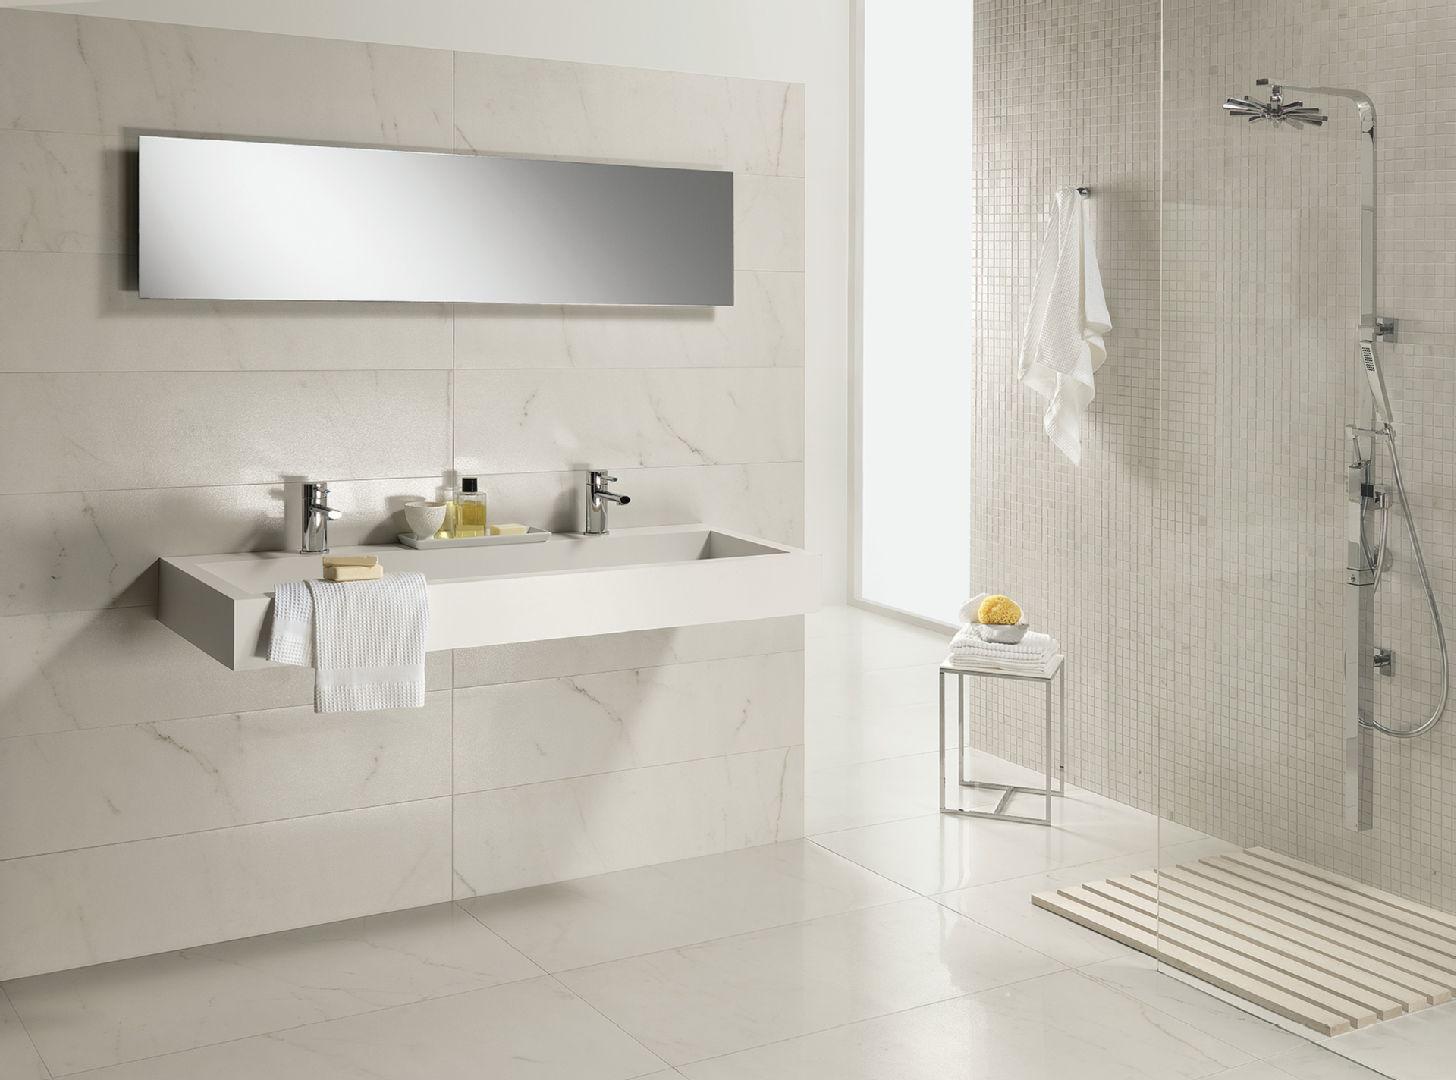 Moderni kylpyhuone, laatat, Pukkila, 553648dce4b06439f4998209 - Etuovi ...